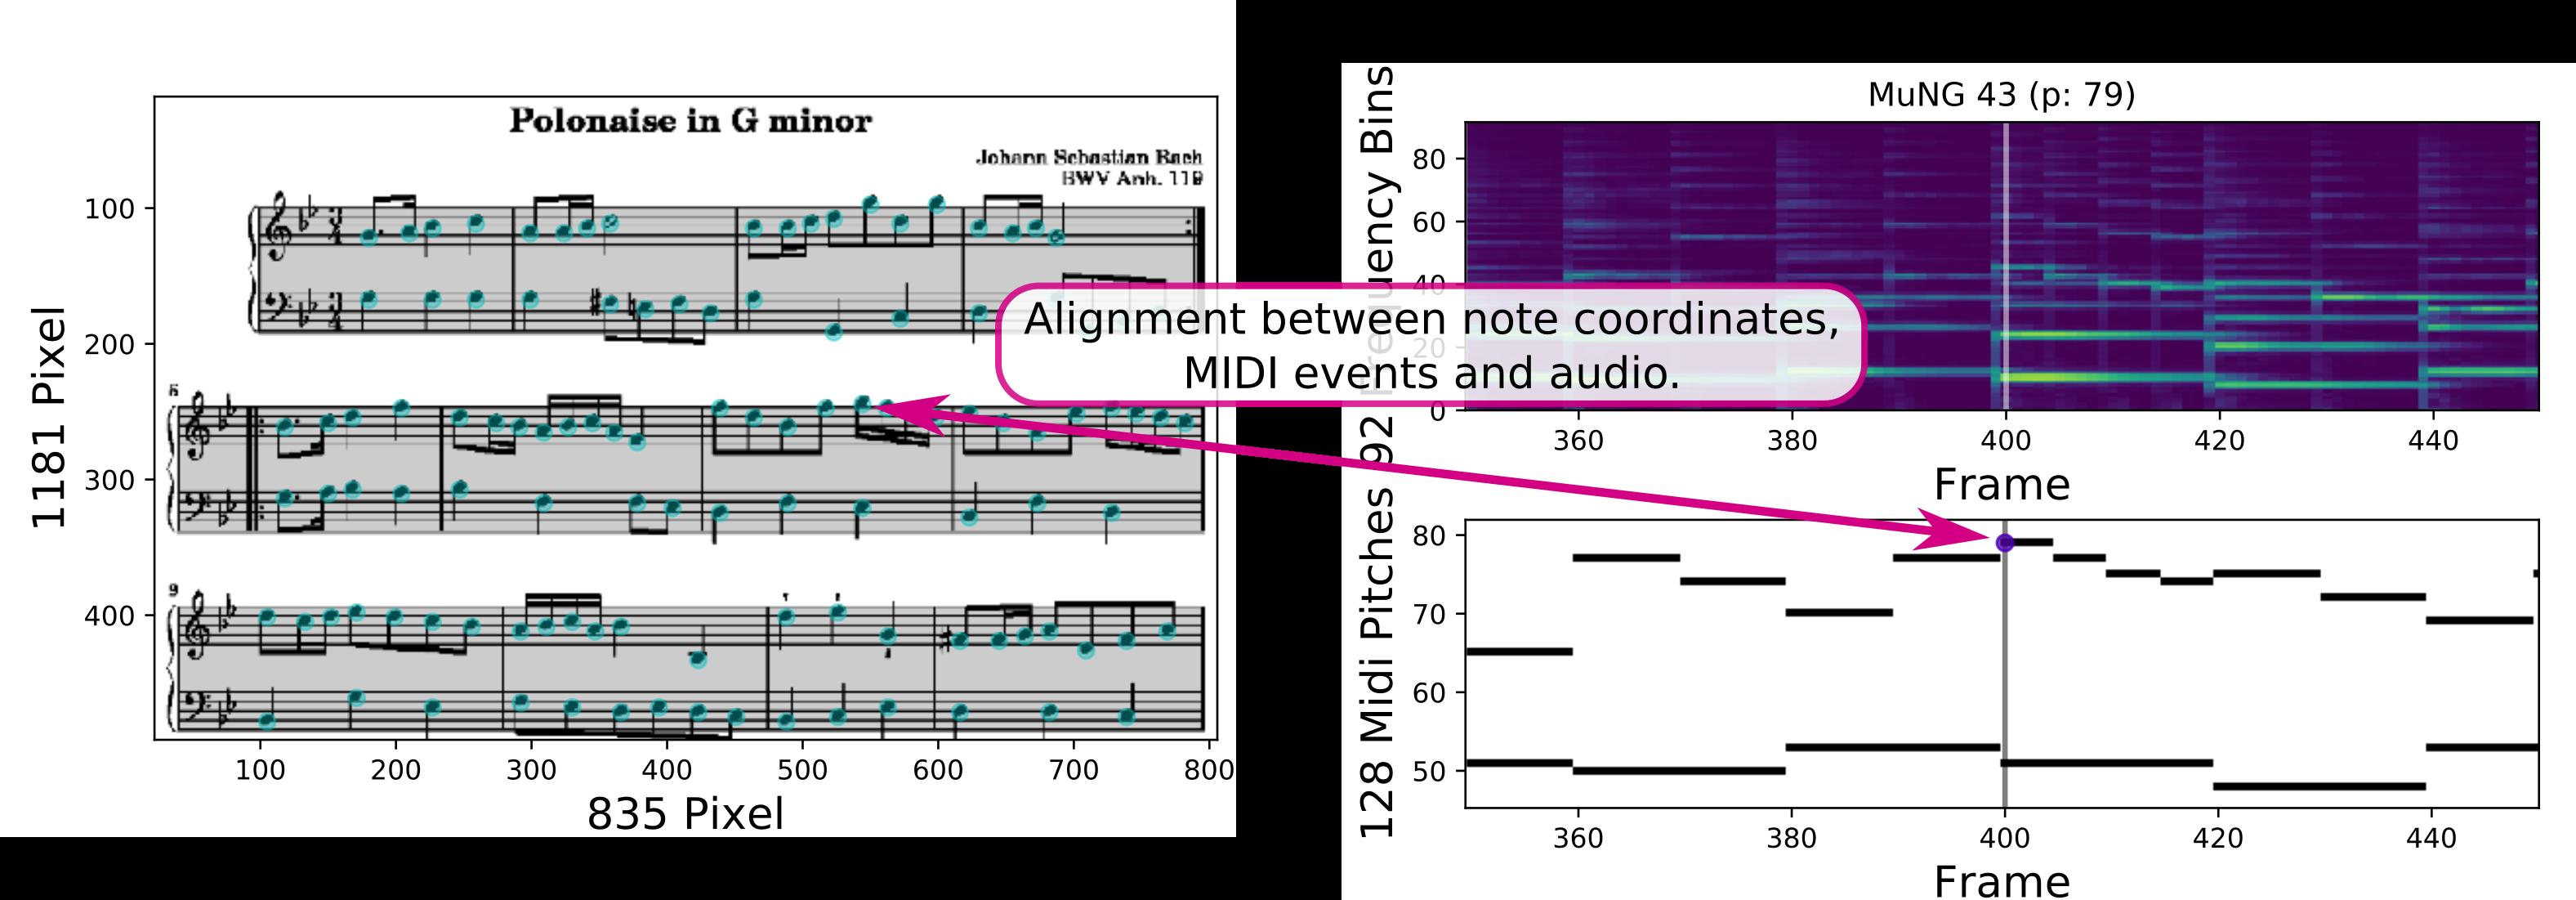 Example of primus dataset